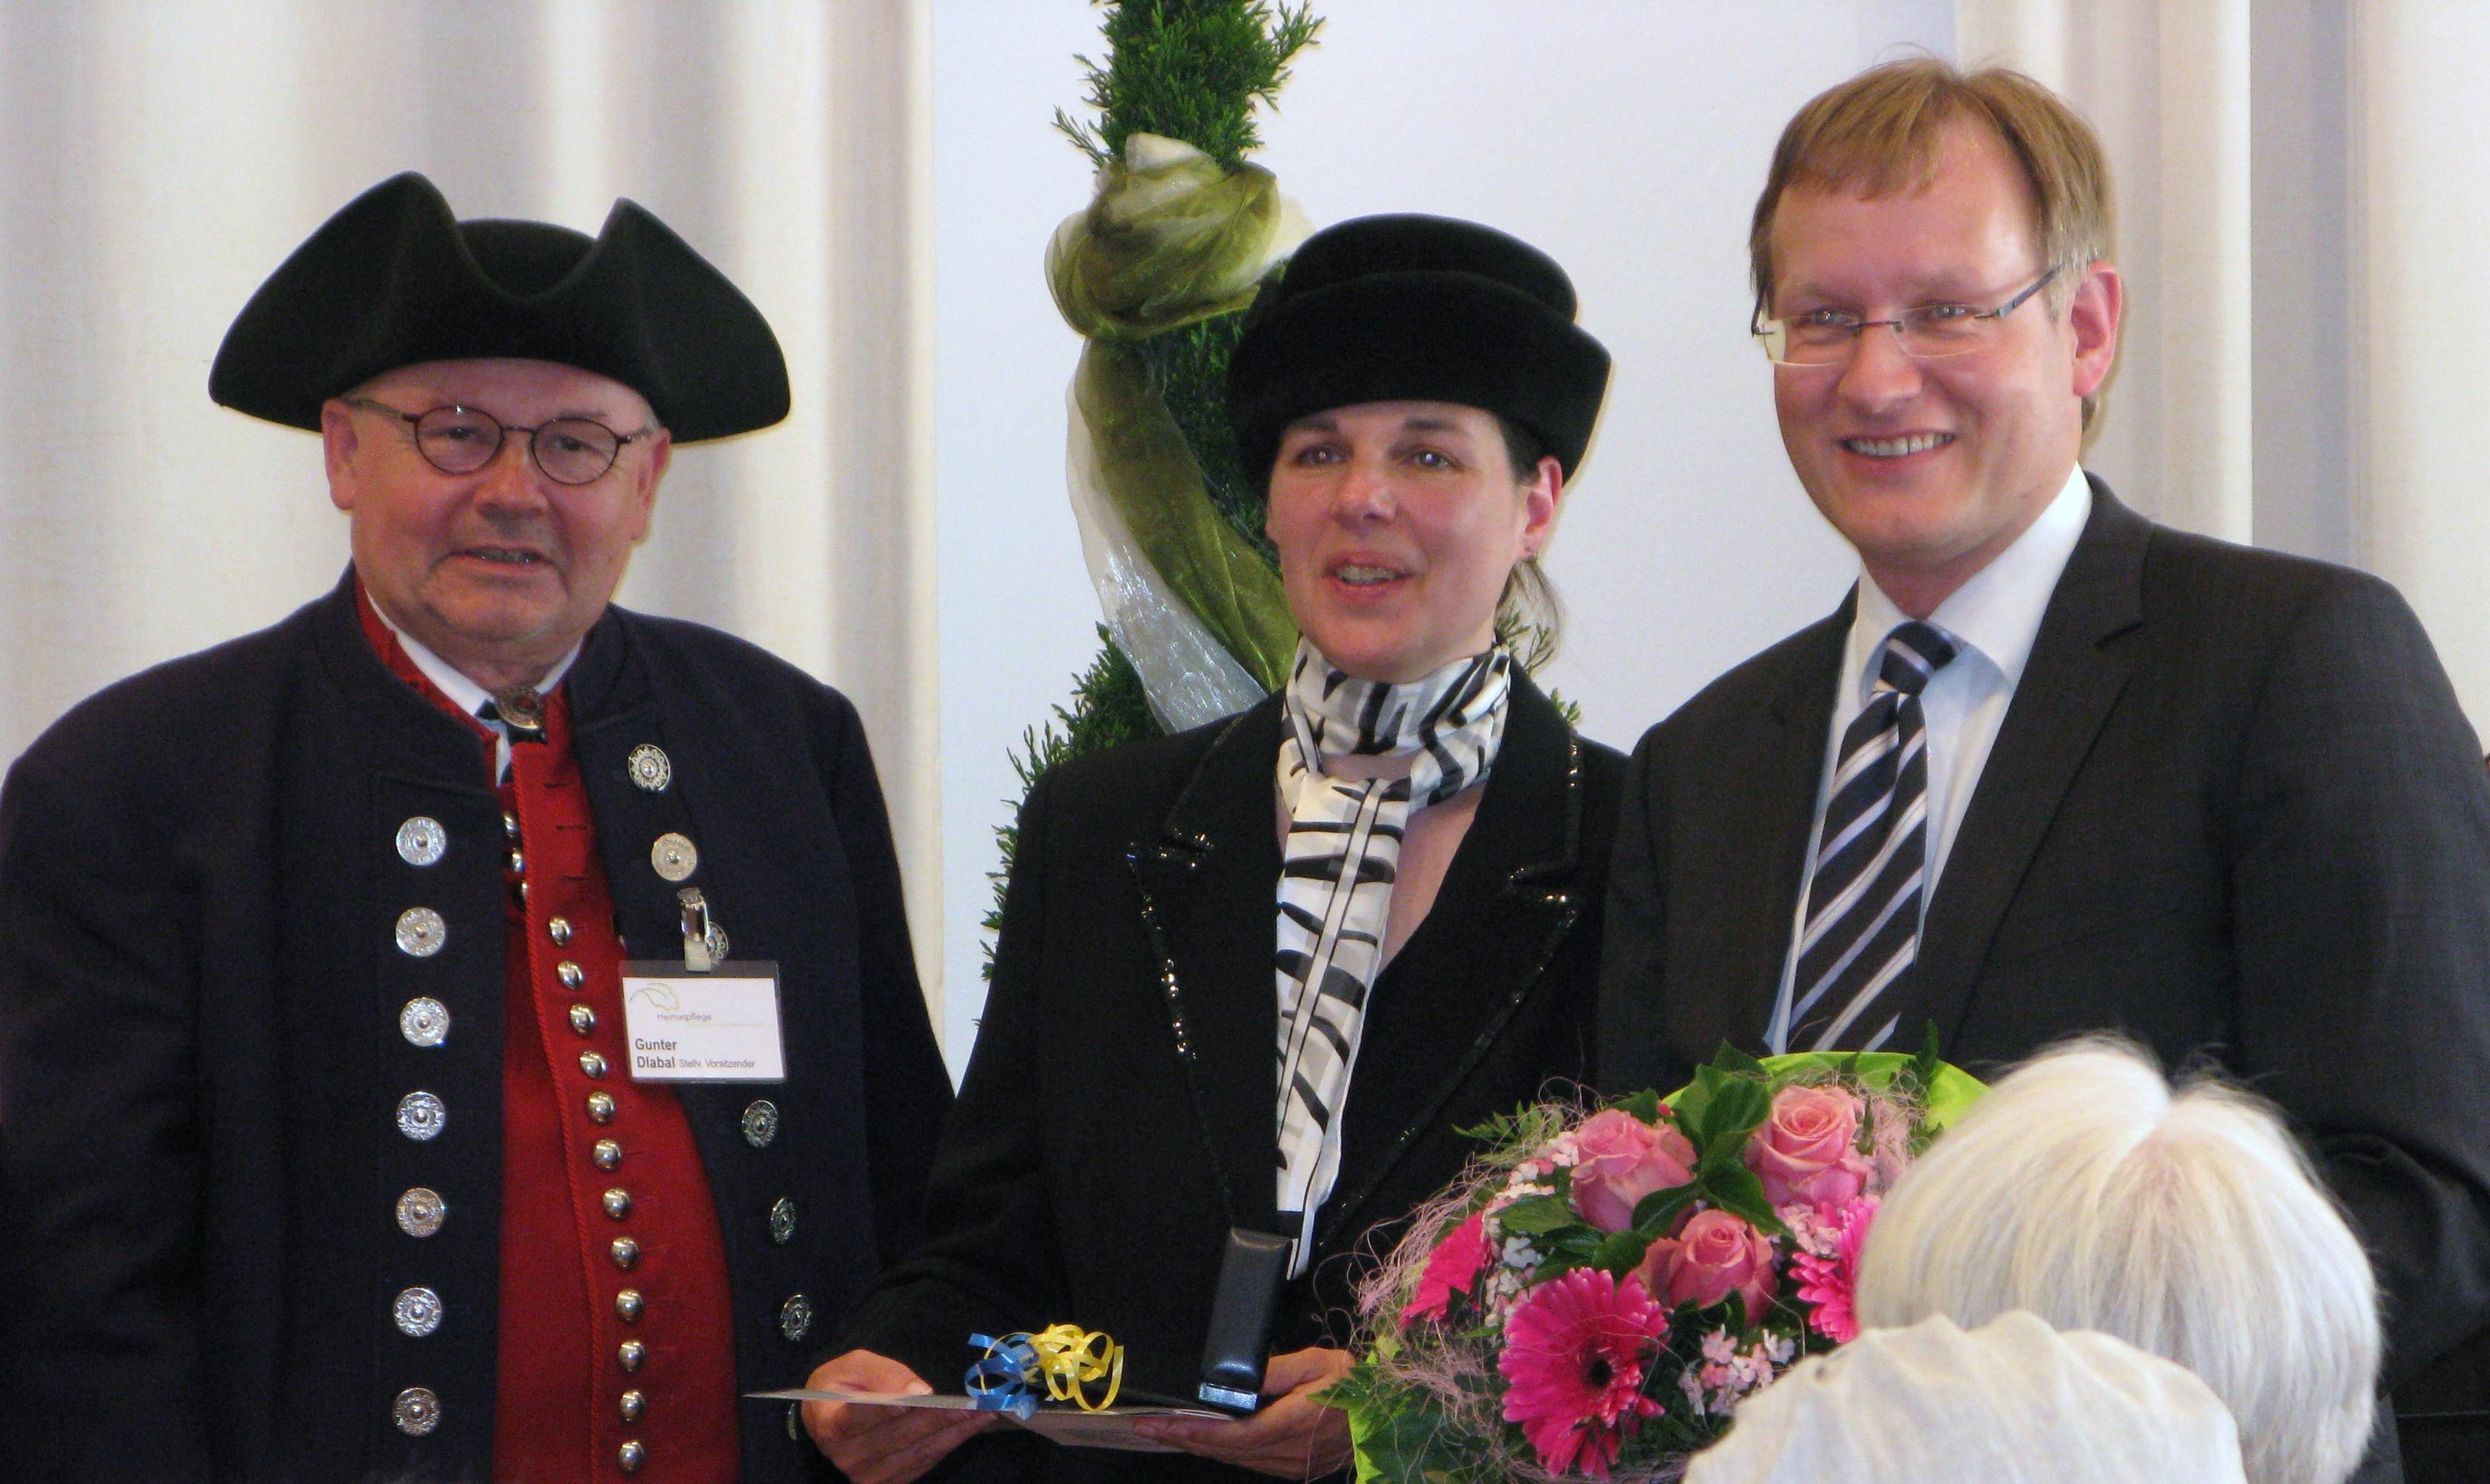 Gunter Dlabal, Claudia Nowak-Walz und Johannes Schmalzl bei der Verleihung der Ehrennadel des AK Heimatpflege in Kornwestheim.